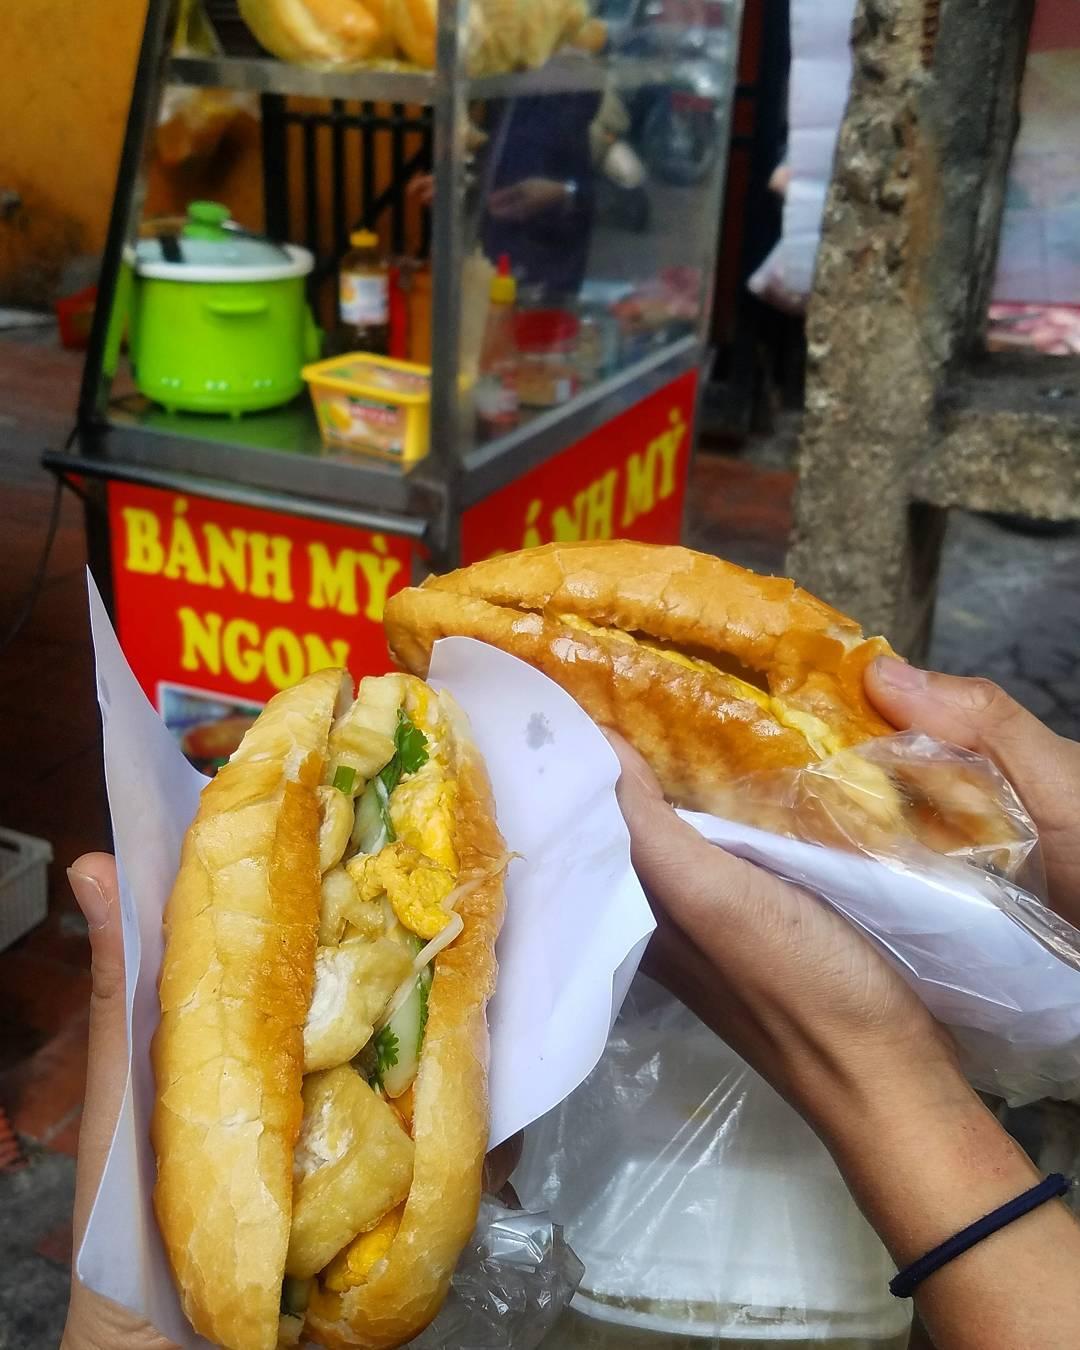 banh-mi- Vietnam -Reisen - Essen und Trinken 2